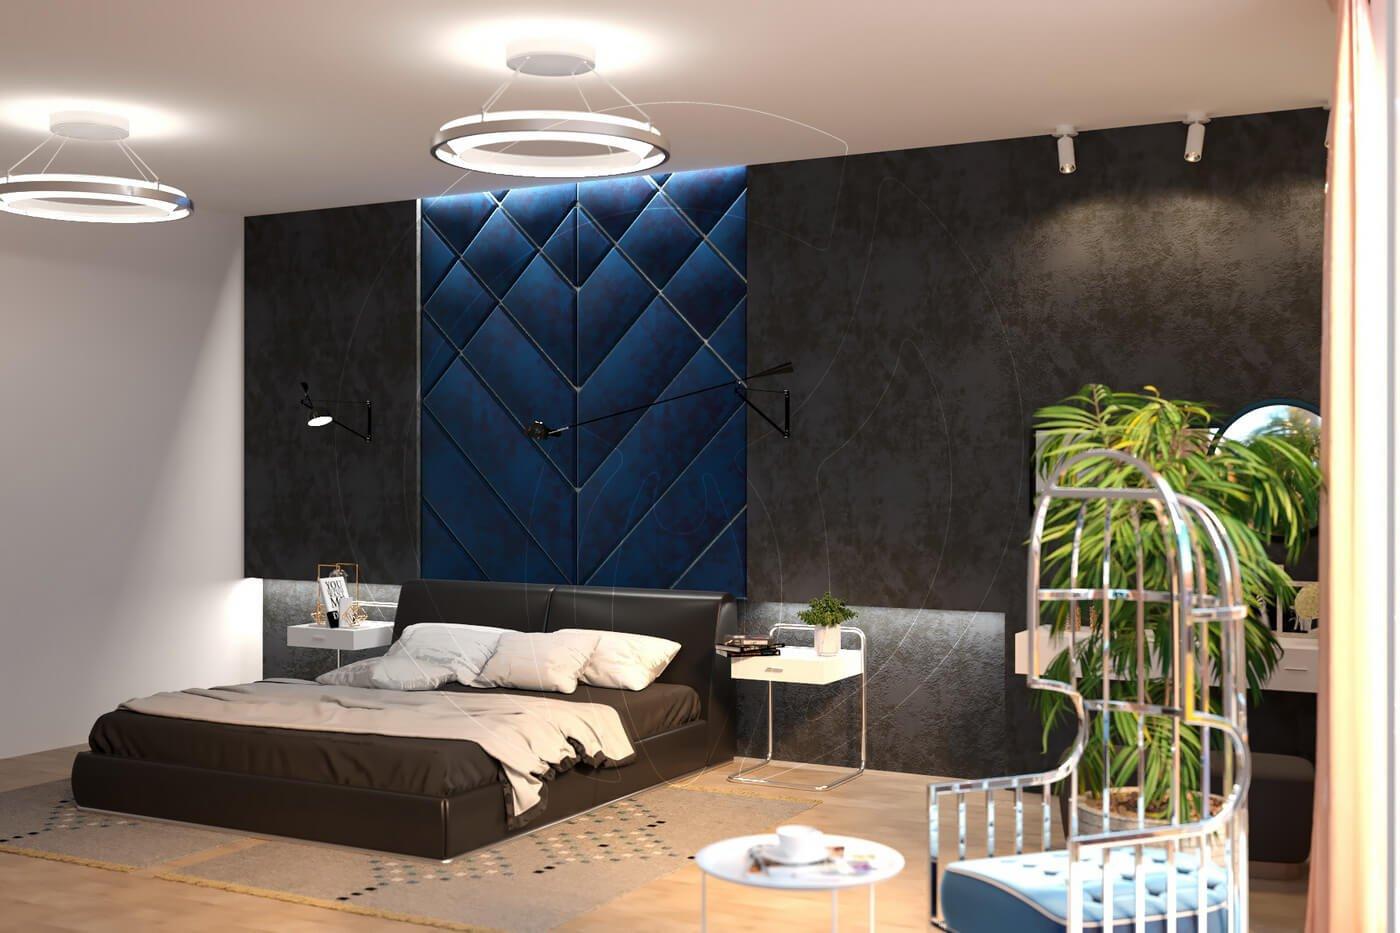 Загородный дом в современном стиле. Спальня. Мягкая стеновая панель